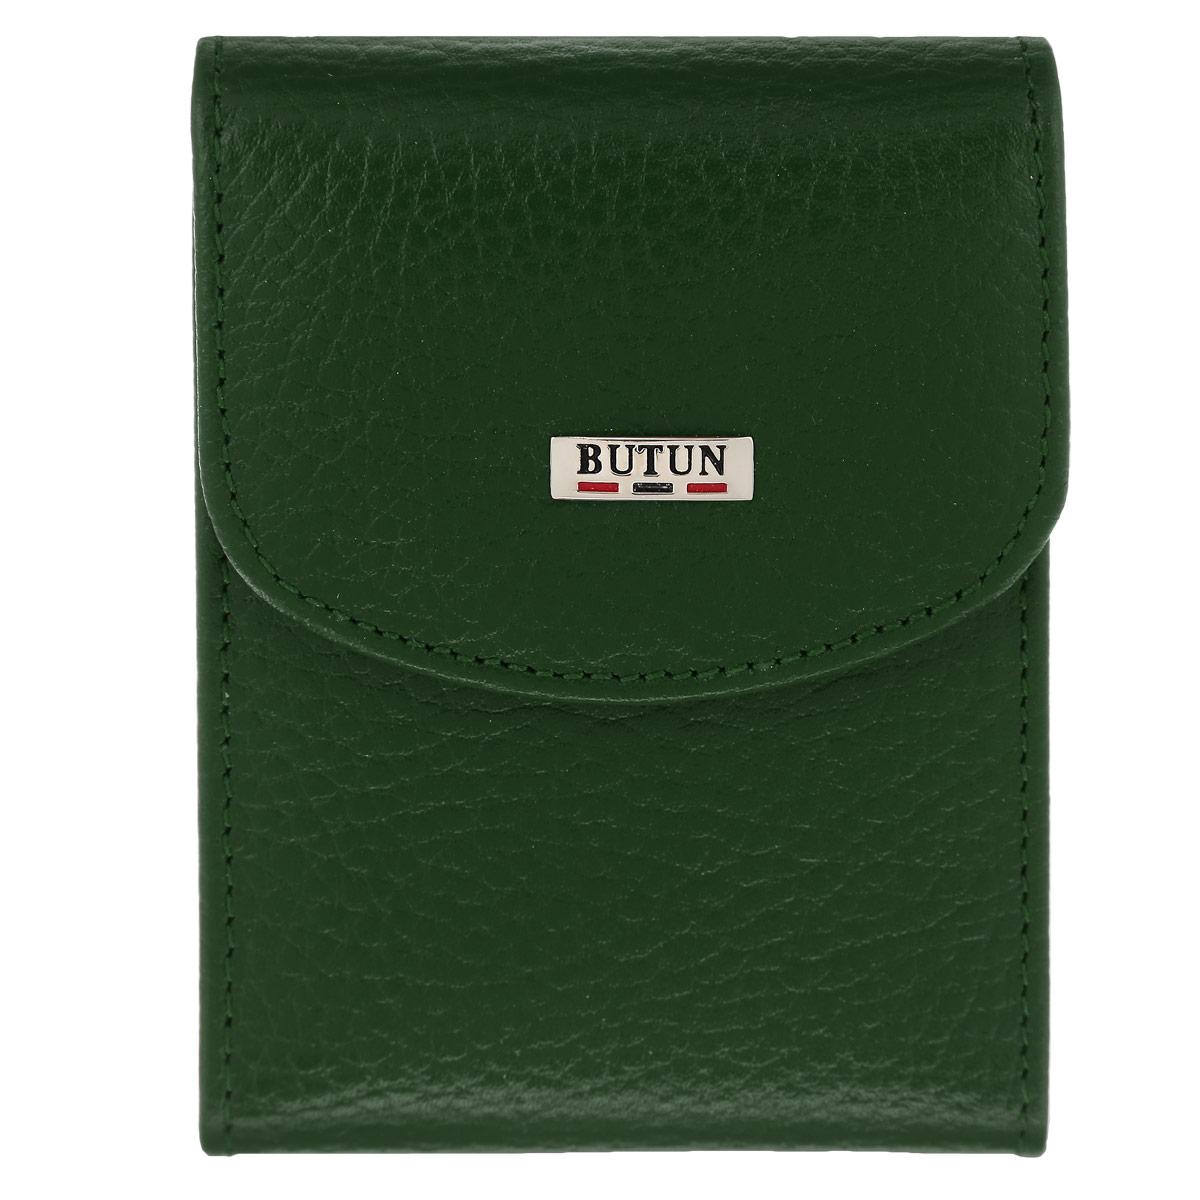 Футляр для визиток Butun, цвет: зеленый. 833-004 075833-004 075Футляр для визиток Butun - это яркий и стильный аксессуар для бизнеса, необходимый каждому современному человеку. Он позволит хранить ваши визитки, дисконтные и банковские карты в одном месте, и надежно сбережет их от повреждений, пыли и влаги. Футляр выполнен из натуральной кожи с подкладкой из шелка. Футляр включает в себя основной блок, состоящий из 10 прозрачных двусторонних пластиковых кармашков для карт. На внутренней стороне обложки расположены два дополнительных прозрачных кармашка. Футляр закрывается на практичный клапан с кнопкой. Футляр для визиток Butun станет великолепным подарком ценителю современных практичных вещей. Высокое качество исполнения и блестящий дизайн, сочетающий классический стиль с элегантным оформлением, сделают его отличным подарком для любого человека, ценящего свой комфорт. Изделие упаковано в фирменную коробку с логотипом фирмы Butun.